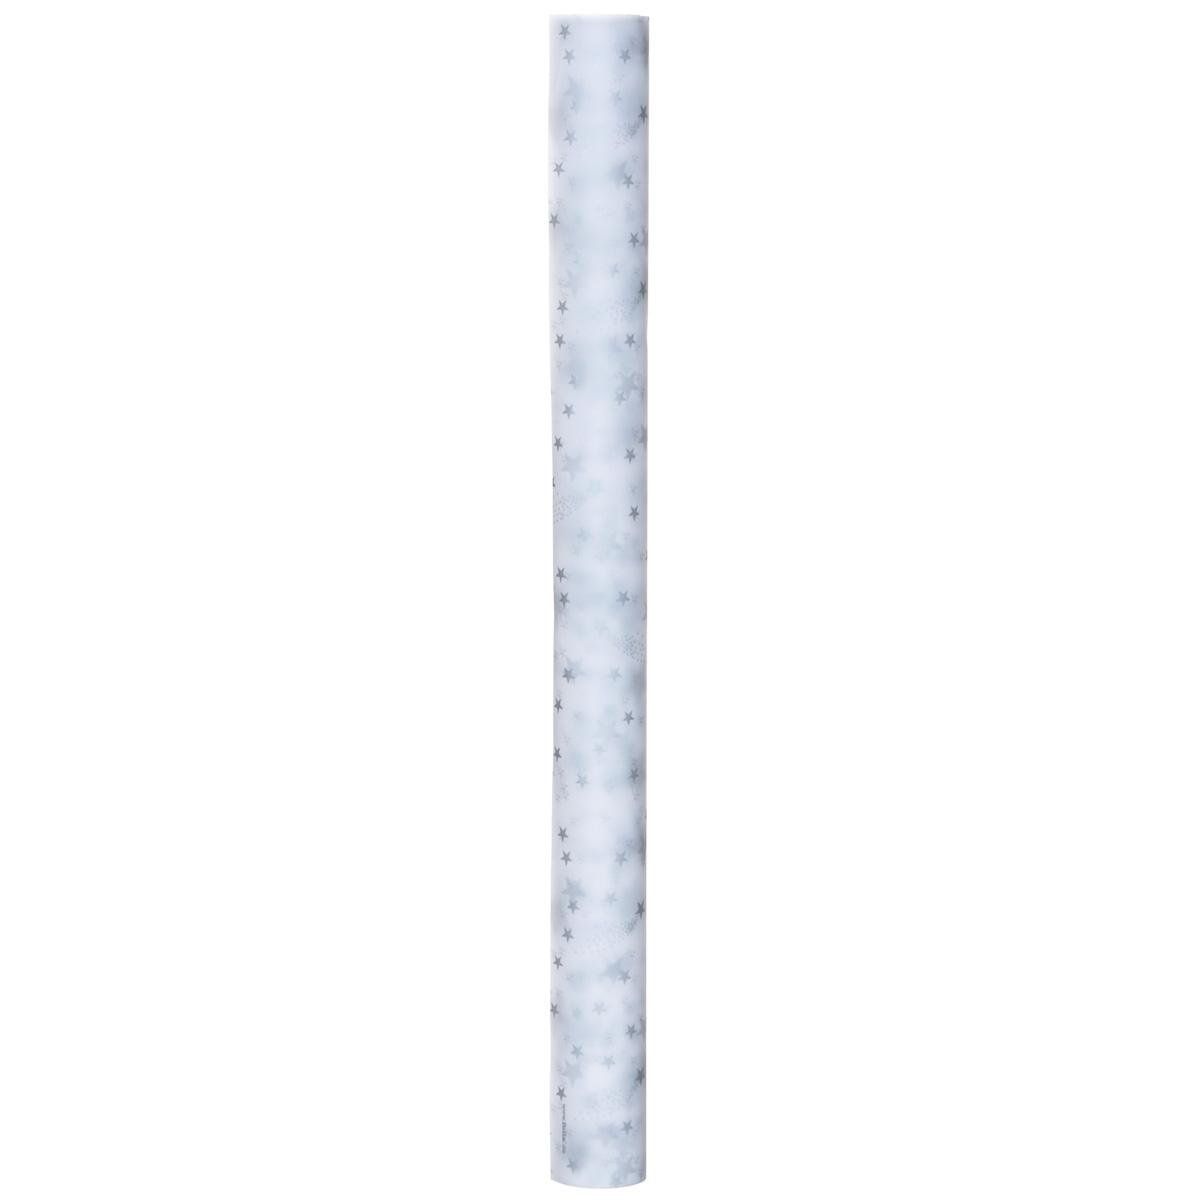 Транспарентная бумага Folia Звезды, цвет: белый, серебристый, 50,5 x 70 см7701652_03 св.розовыйТранспарентная бумага Folia Звезды - полупрозрачная бумага с оригинальным дизайном в виде красивых звезд. Используется для изготовления открыток, для скрапбукинга и других декоративных или дизайнерских работ. Бумага прекрасно держит форму, не пачкает руки, отлично крепится. Конструирование из транспарентной бумаги - необходимый для развития детей процесс. Во время занятия аппликацией ребенок сумеет разработать четкость движений, ловкость пальцев, аккуратность и внимательность. Кроме того, транспарентная бумага позволит разнообразить идеи ребенка при создании творческих работ.